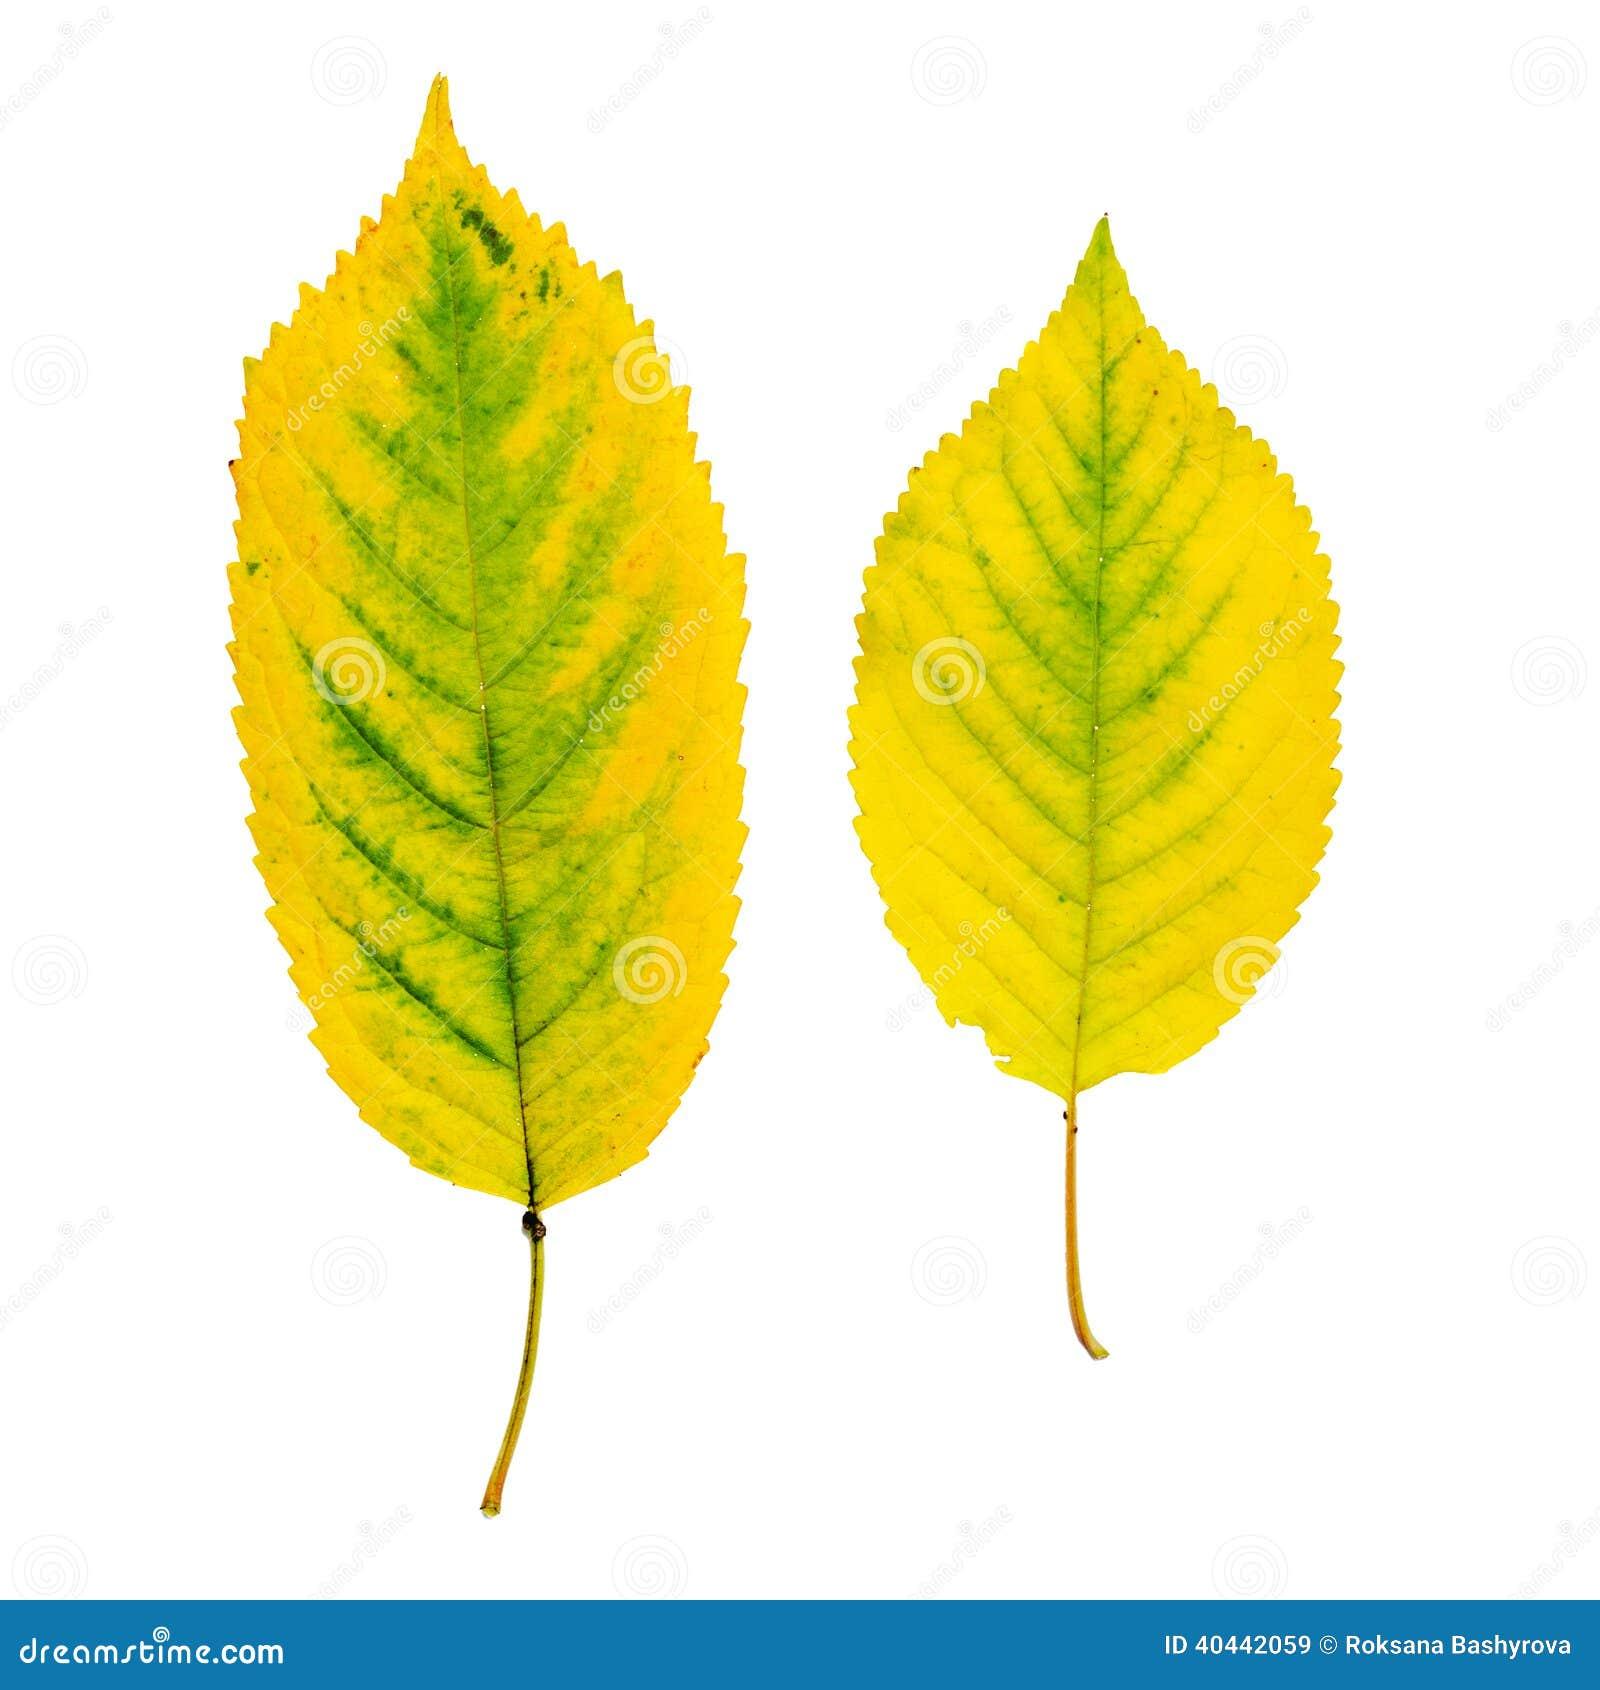 菩提树叶子图片